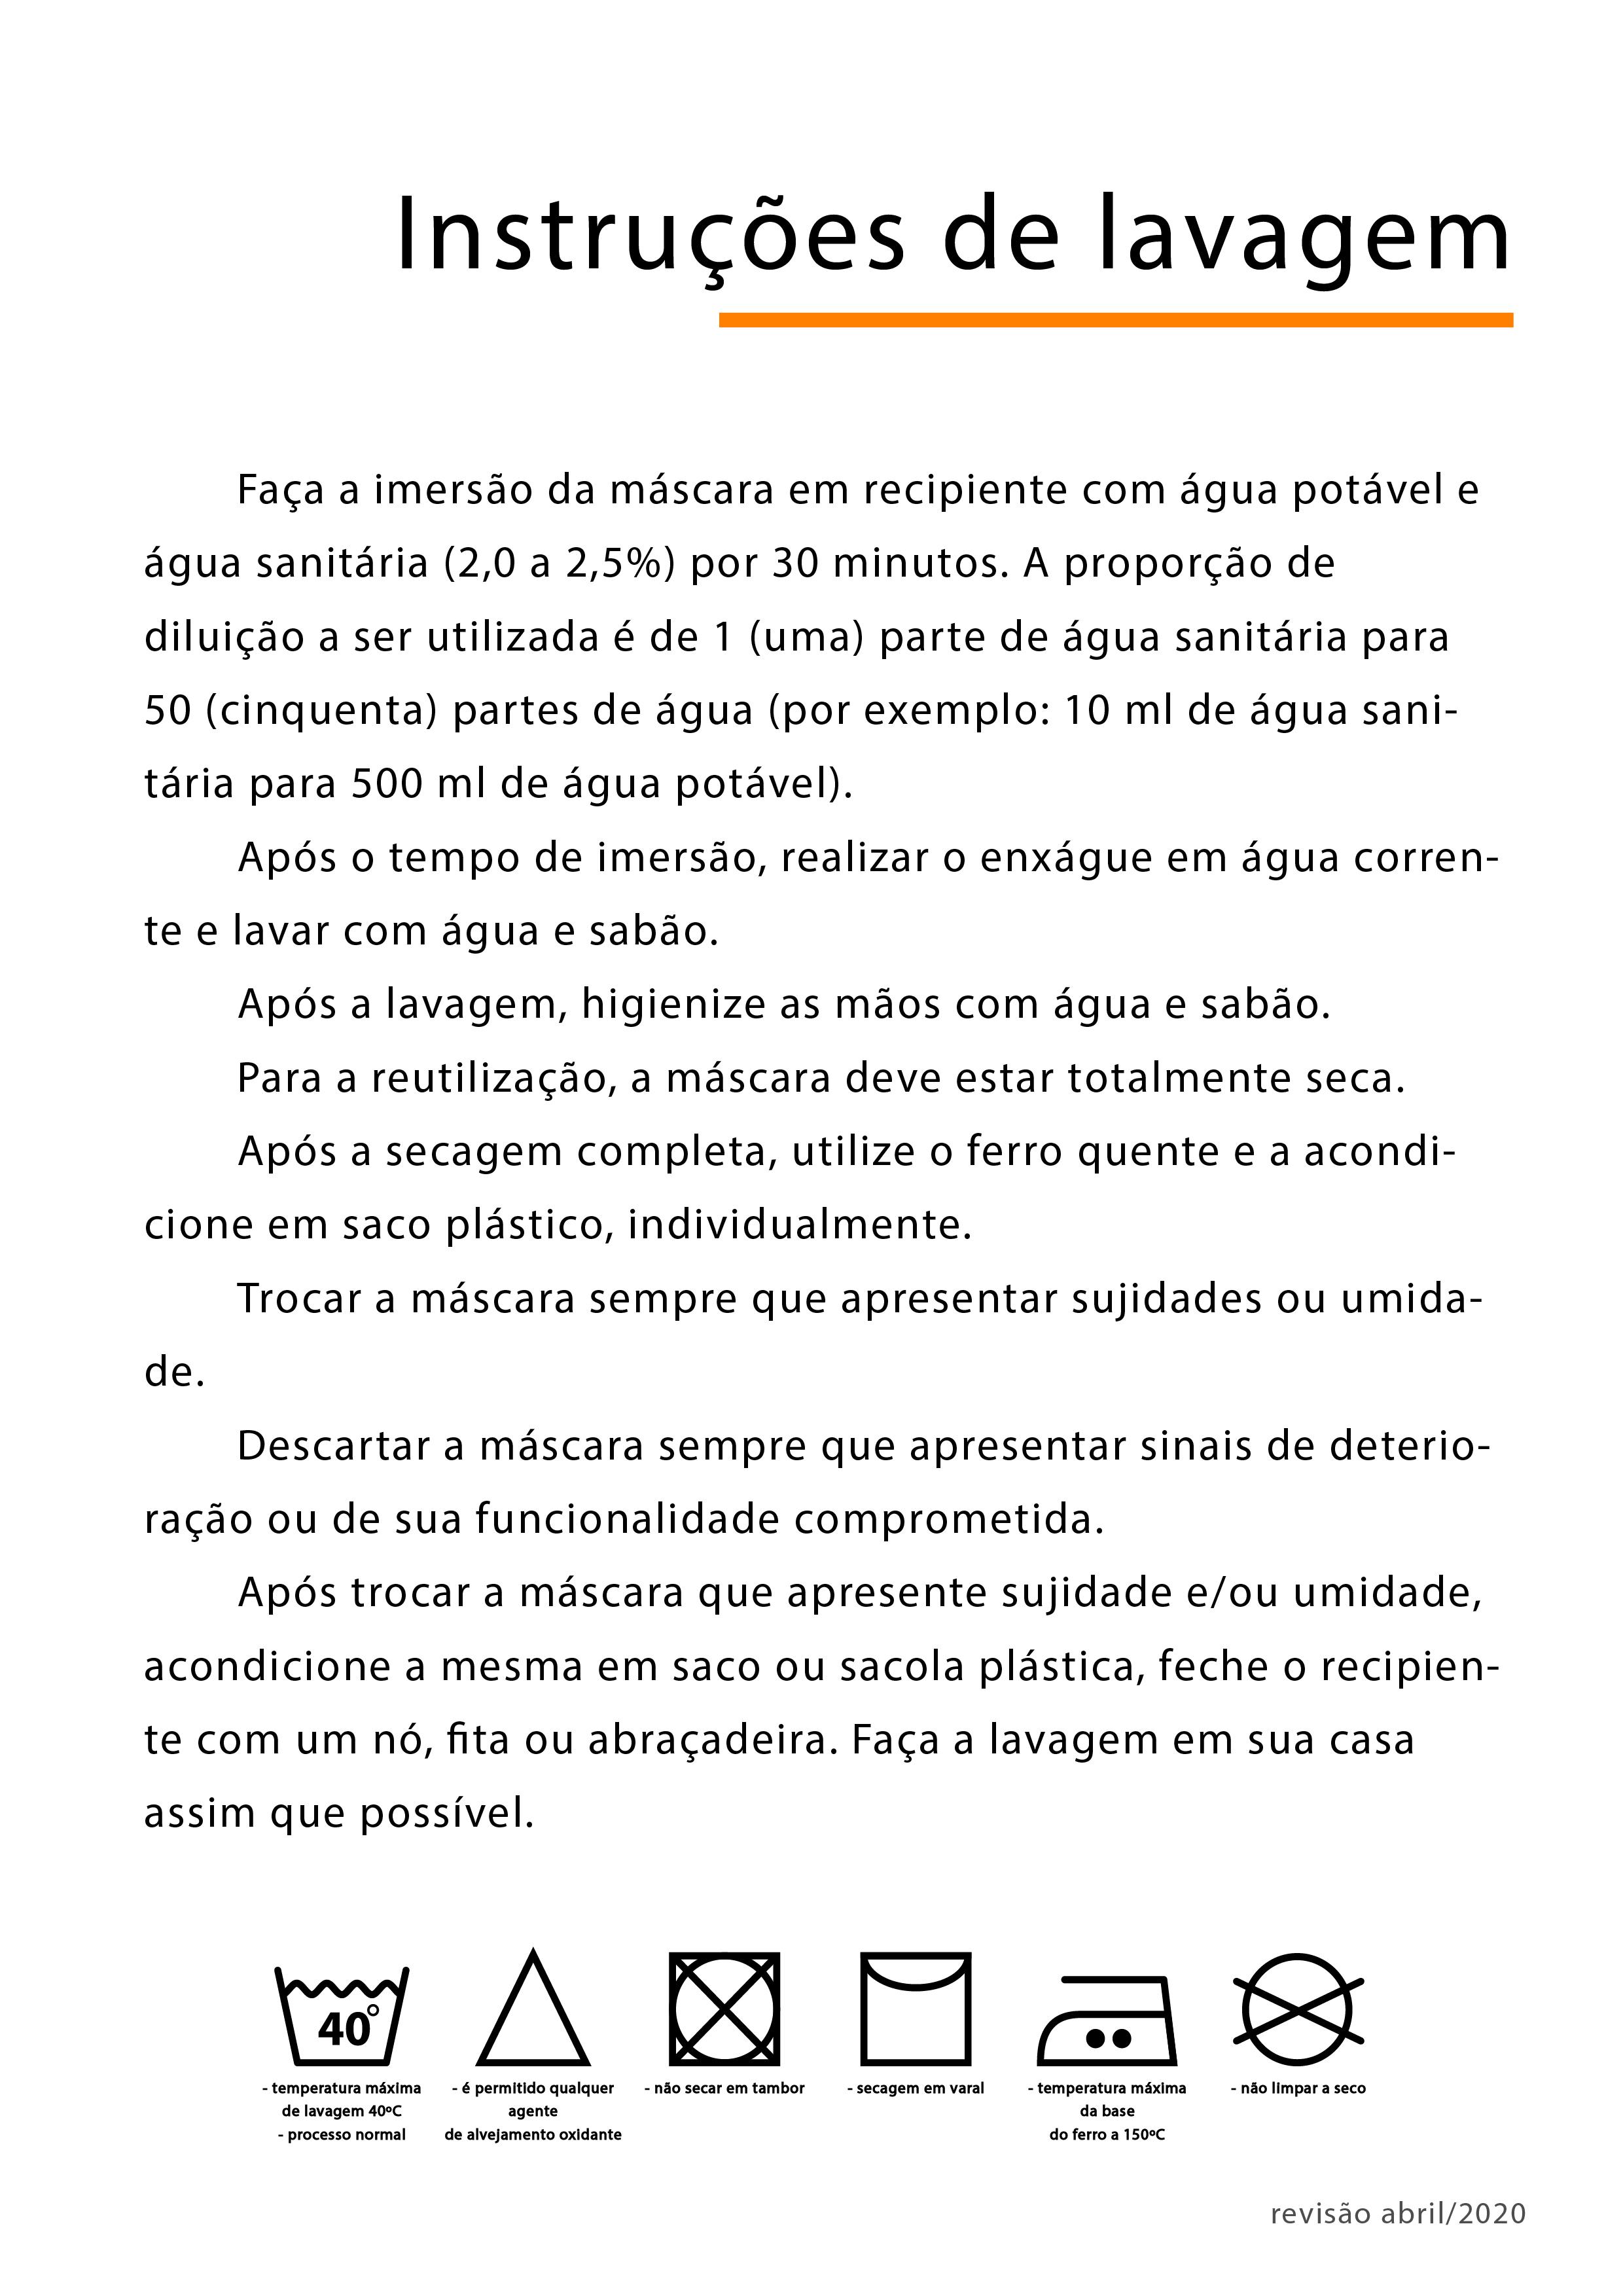 1-PROSPECTO MASCARA-TM0101-06